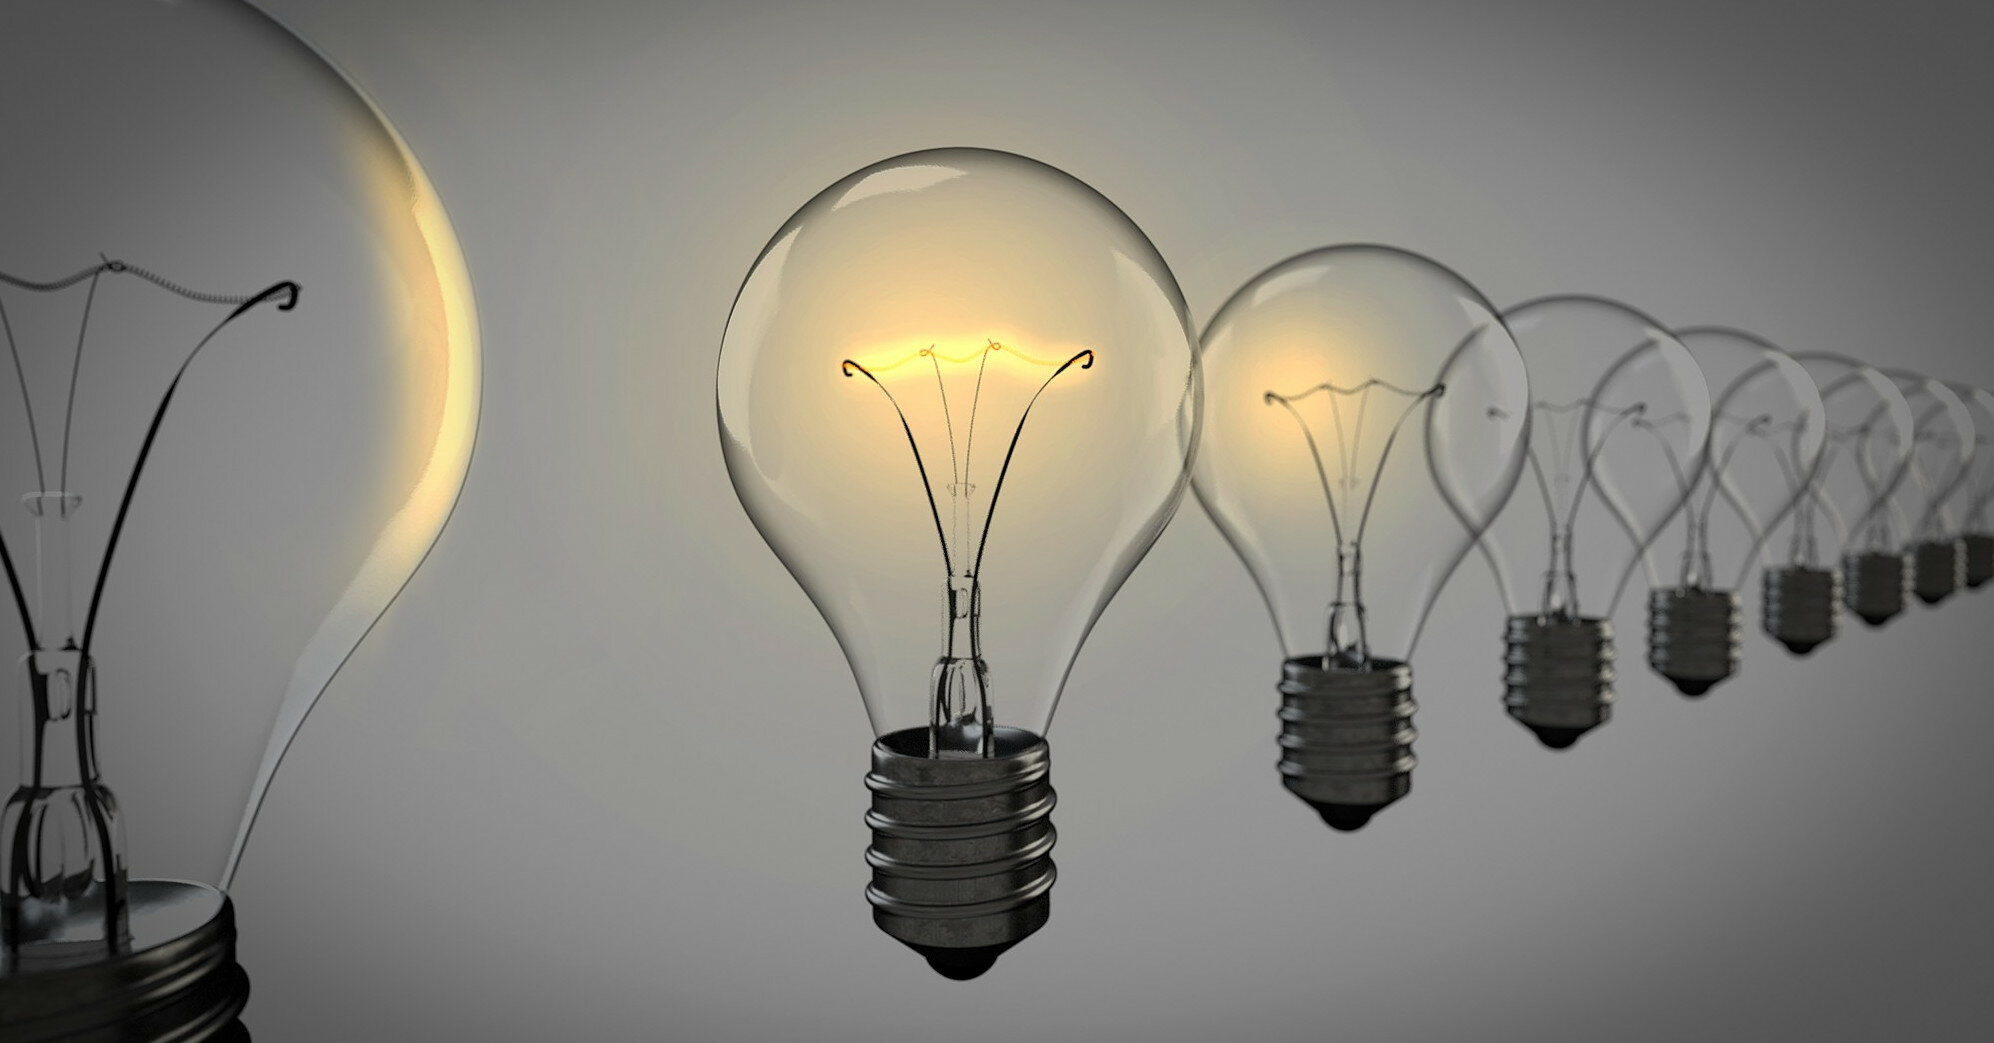 Тарифы на электроэнергию: кому пересчитают платежки